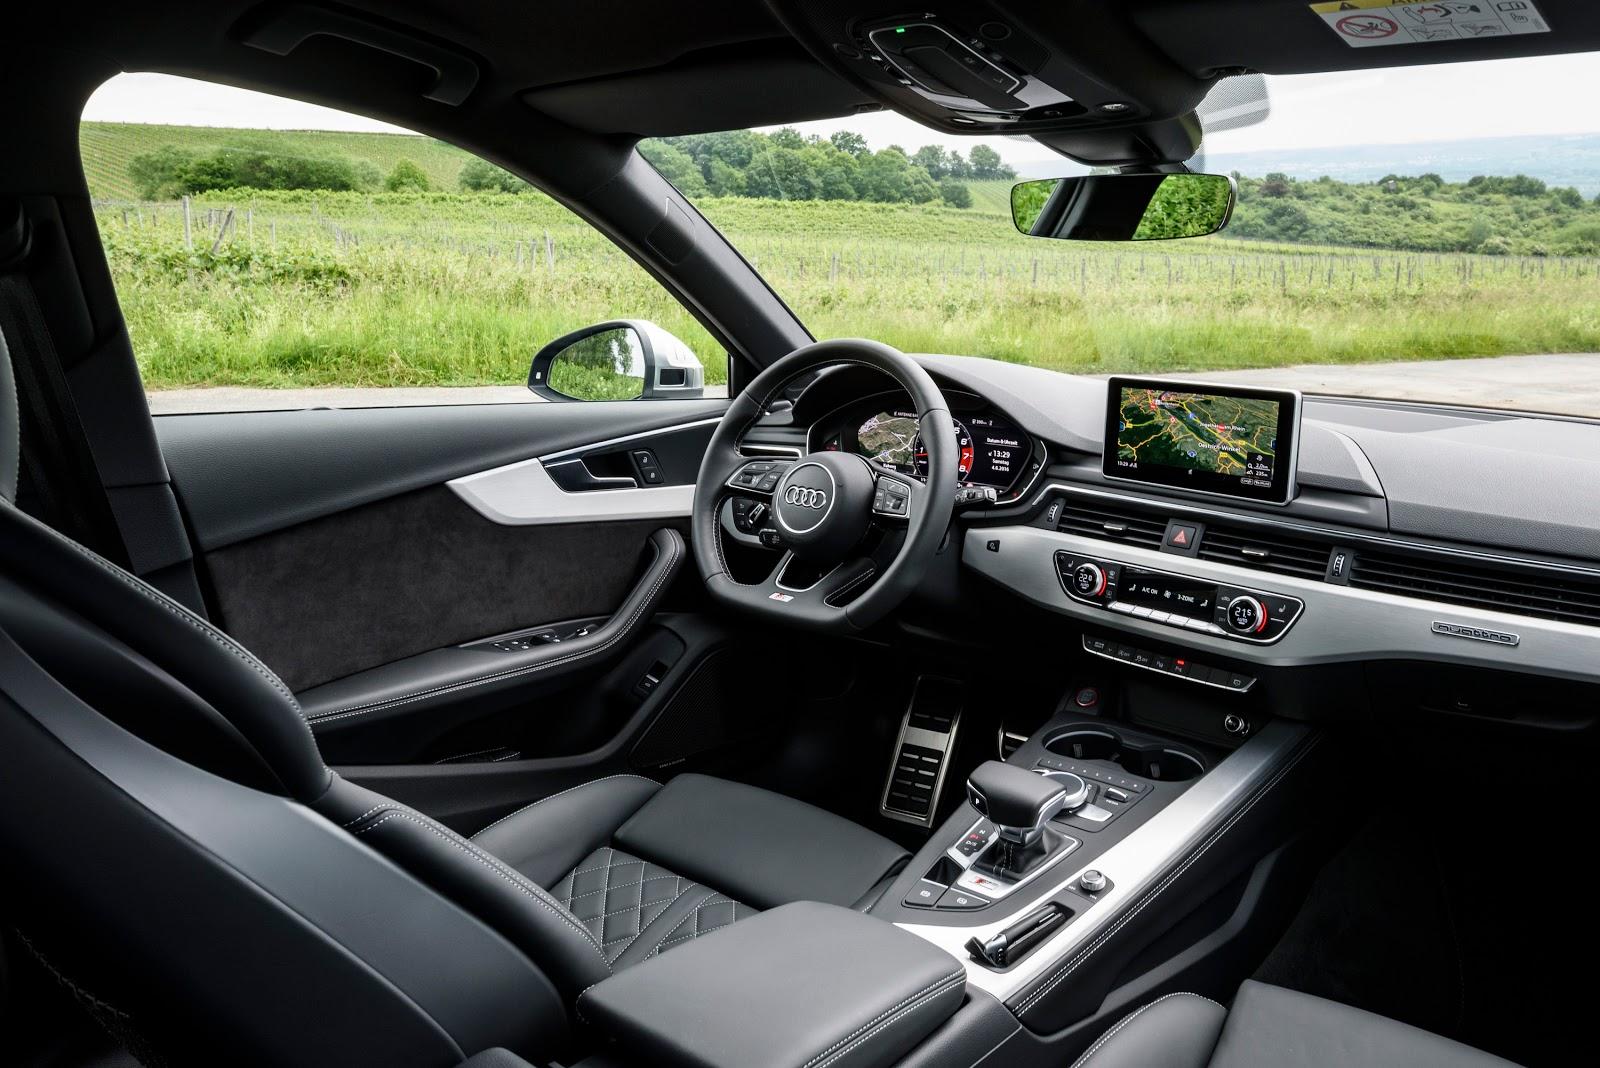 Nội thất của Audi S4 2017 quá rộng rãi và sang trọng, nhìn vào đã thấy sướng